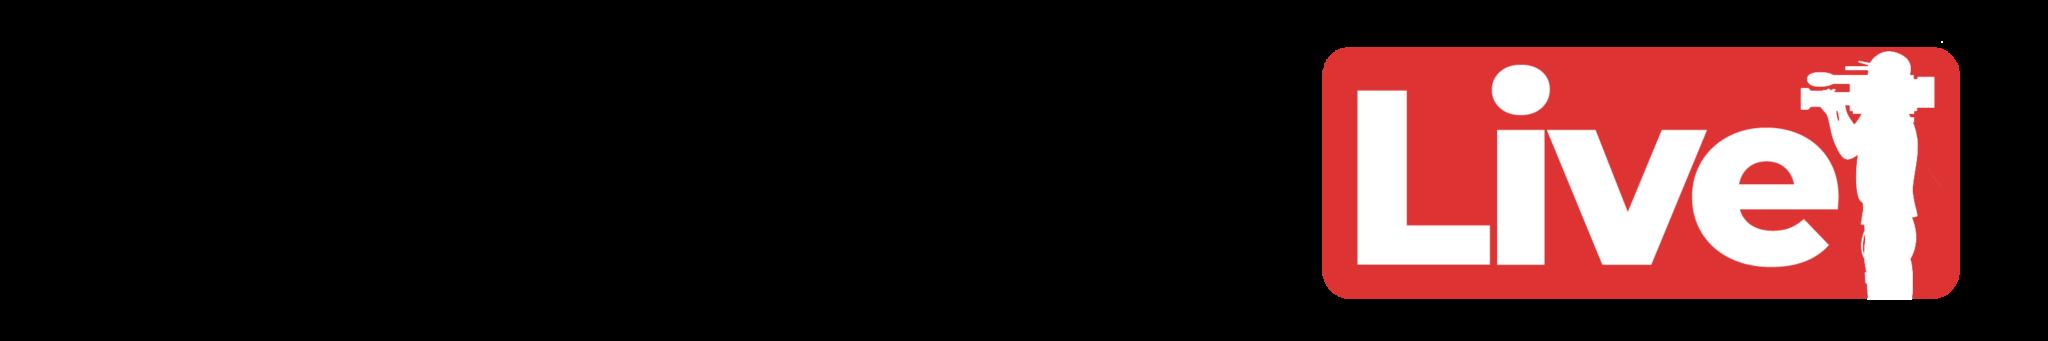 CaltanissettaLive.it – Notizie ed informazione – Video ed articoli di cronaca, politica, attualita', fatti